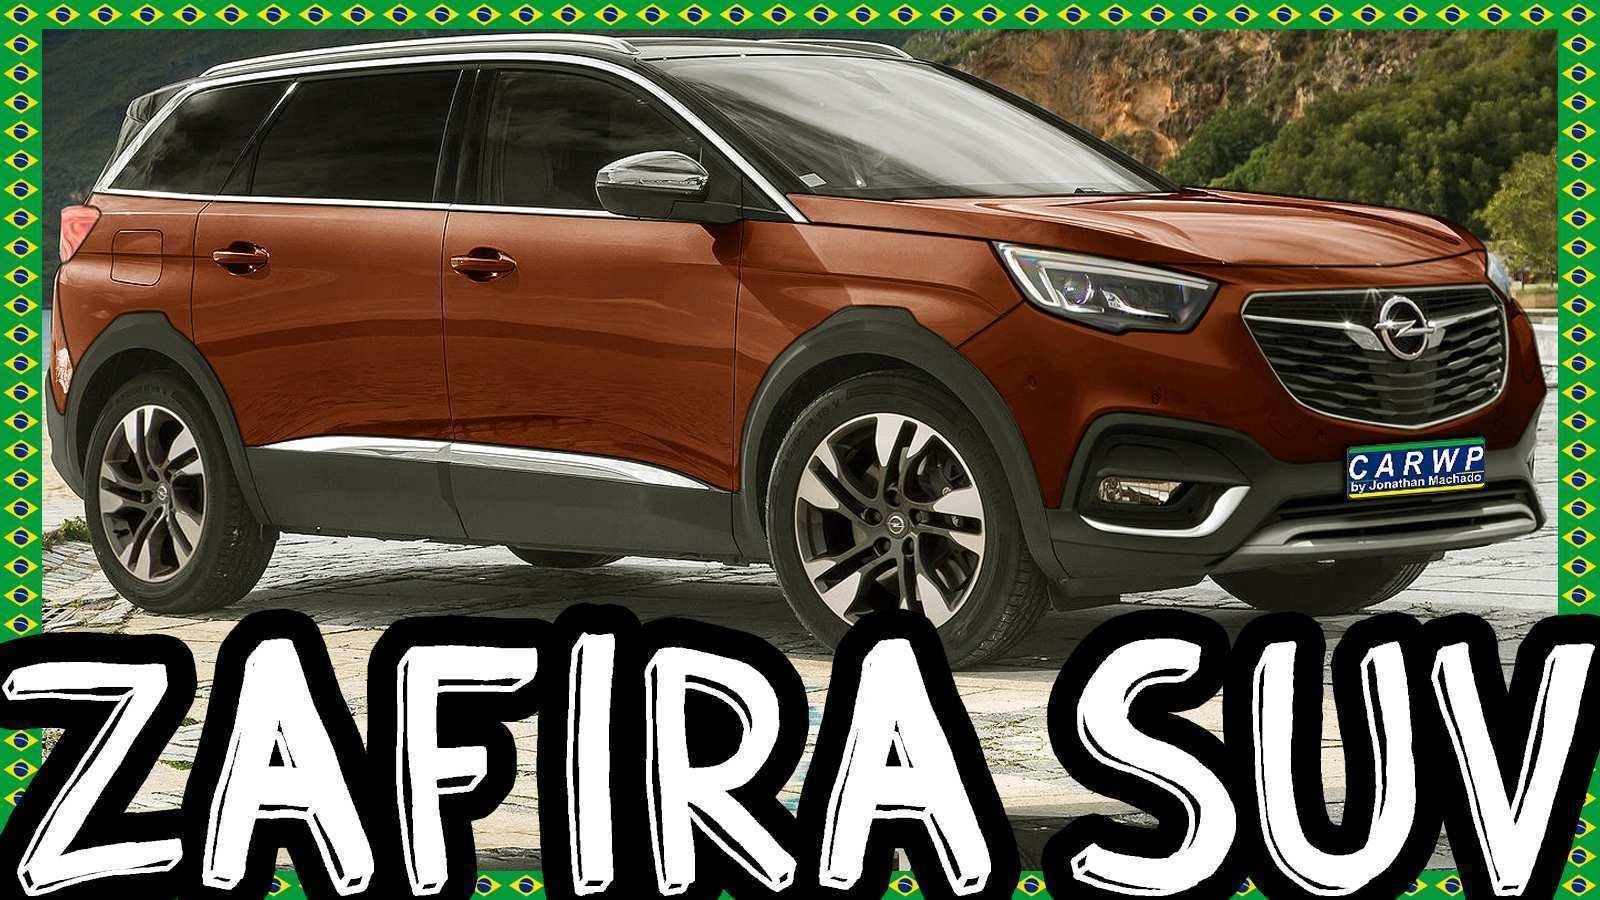 51 Best Review Opel Zafira 2020 Style with Opel Zafira 2020